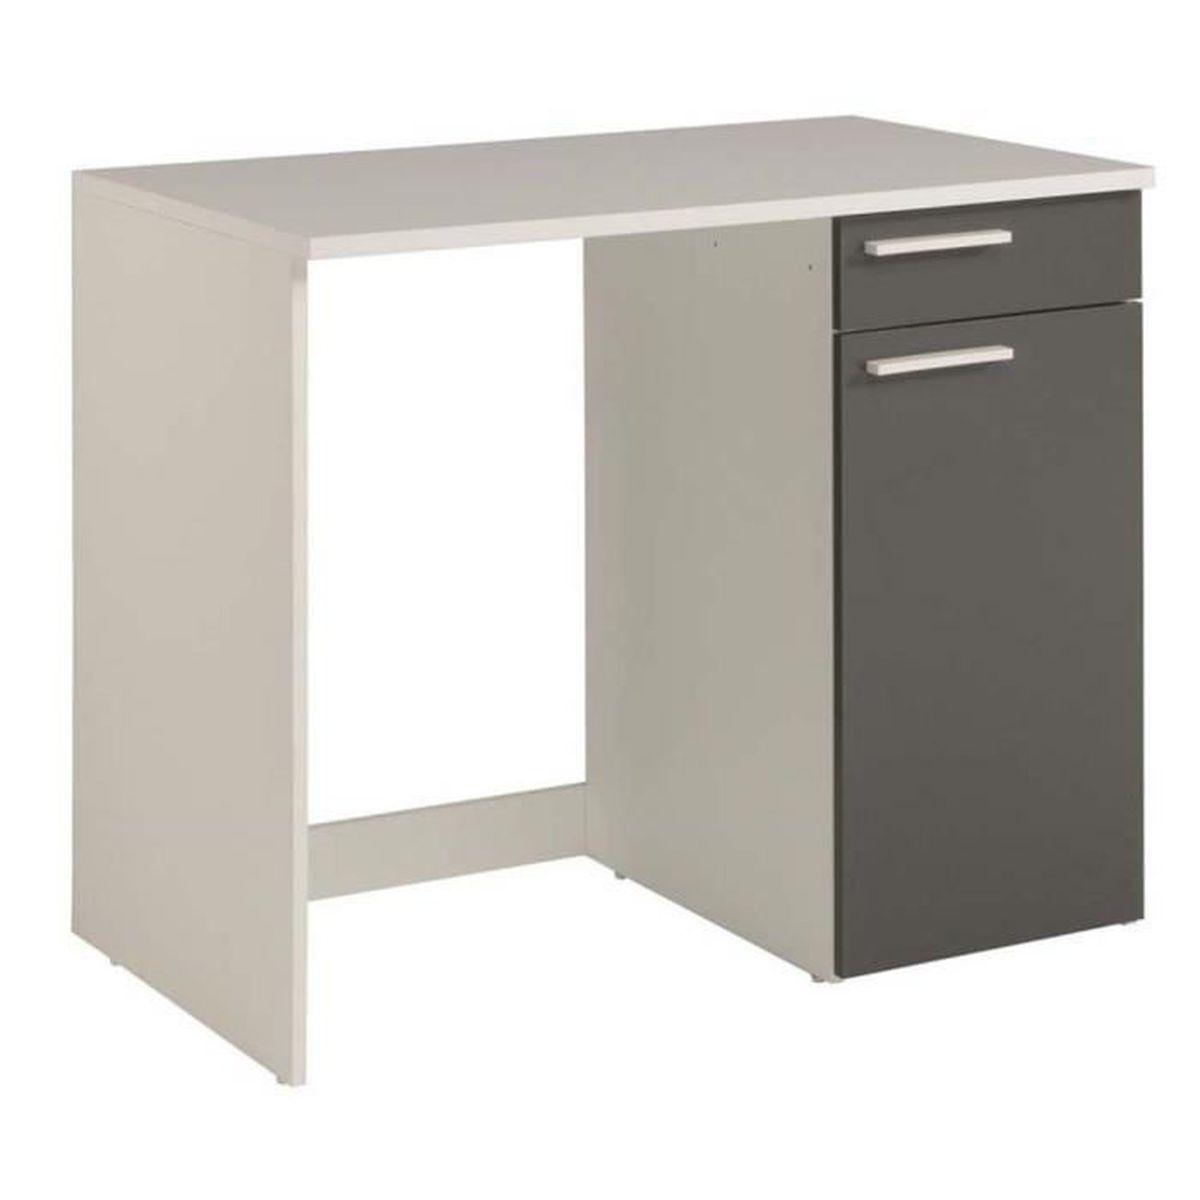 meuble de rangement bas en panneaux de particules gris ombre 86 x 104 x 60 cm achat vente. Black Bedroom Furniture Sets. Home Design Ideas